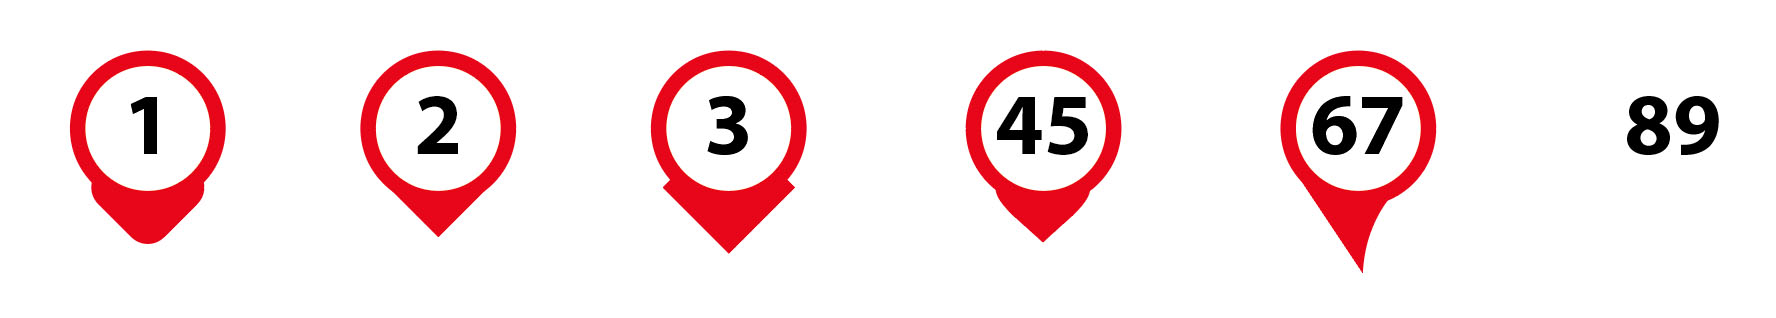 locatiemarkeringen-voorbeeld-illustrator